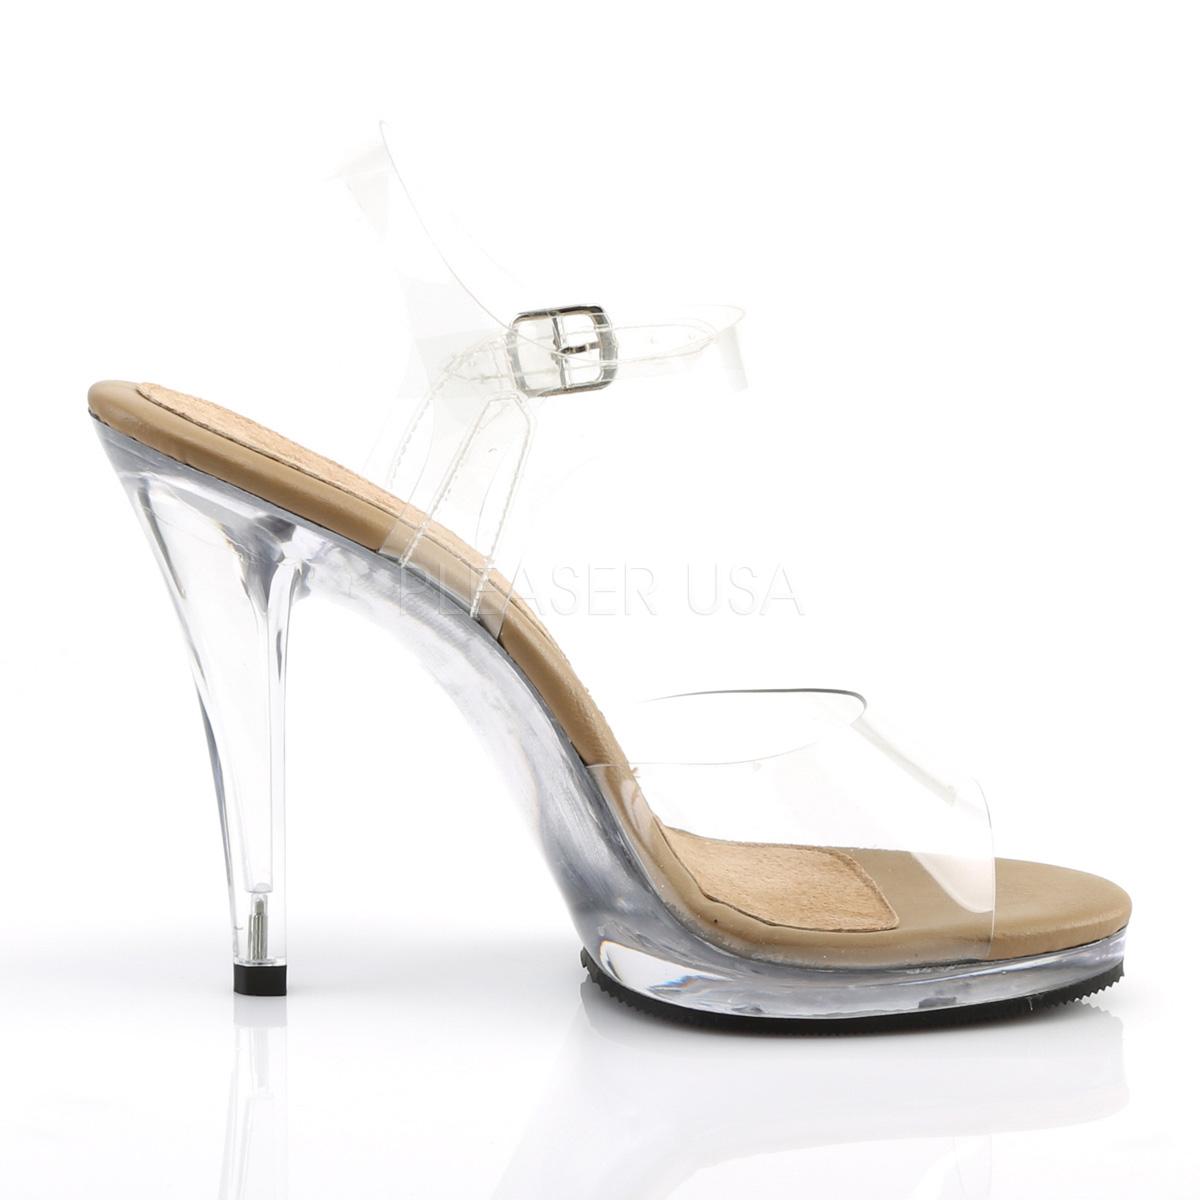 brun 11 5 cm flair 408 klackskor f r m n online shop p. Black Bedroom Furniture Sets. Home Design Ideas